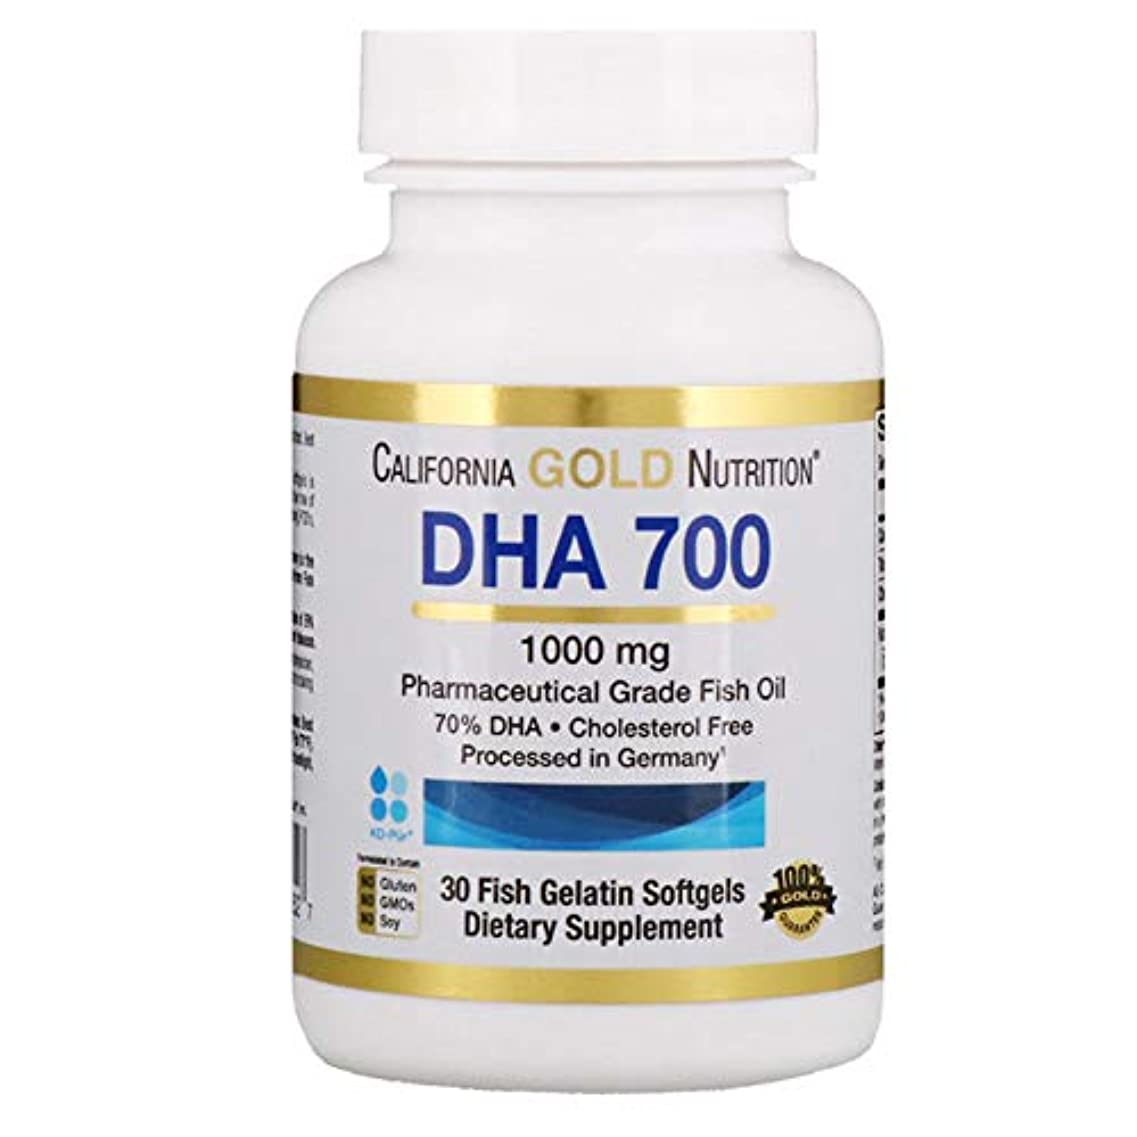 不満護衛アプトCalifornia Gold Nutrition DHA 700 フィッシュオイル 医薬品グレード 1000 mg 魚ゼラチンソフトジェル 30個 【アメリカ直送】